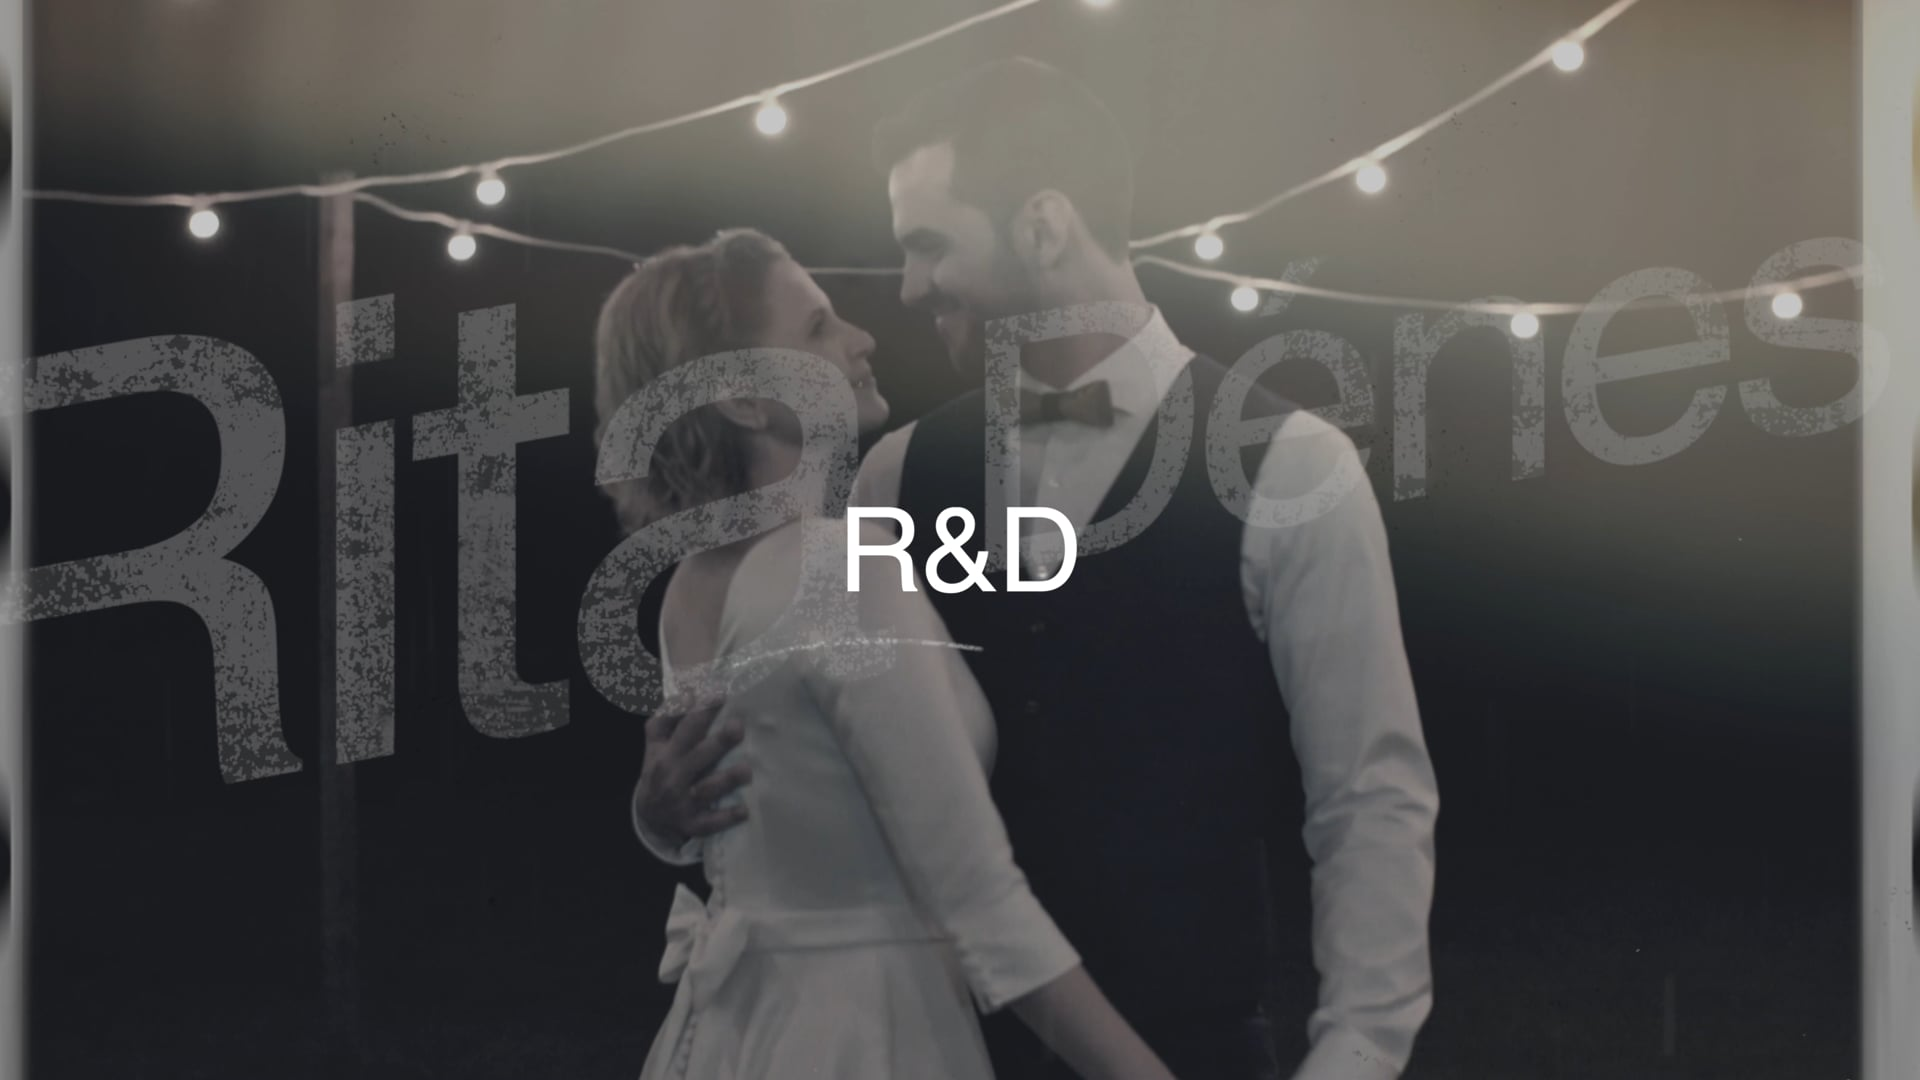 Rita és Dénes - Wedding Higlight 21:9